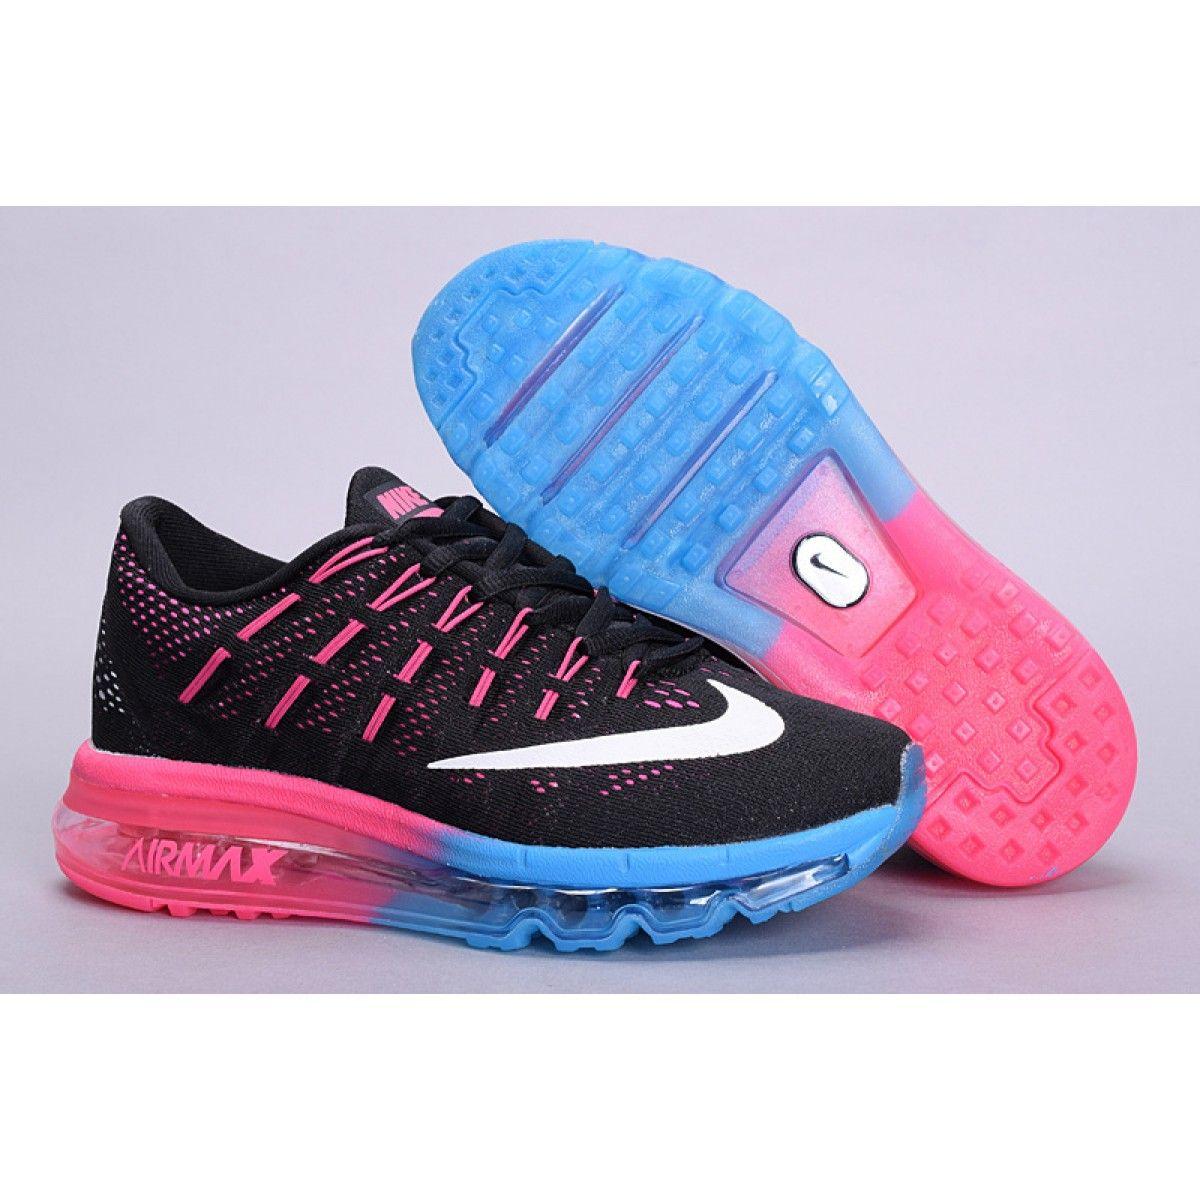 uk availability d489d ebcc2 Acheter Vente nouvelle collection Chaussures Nike  Airmax2016Noir Rose Bleu  Femme Pas Cher en Ligne http